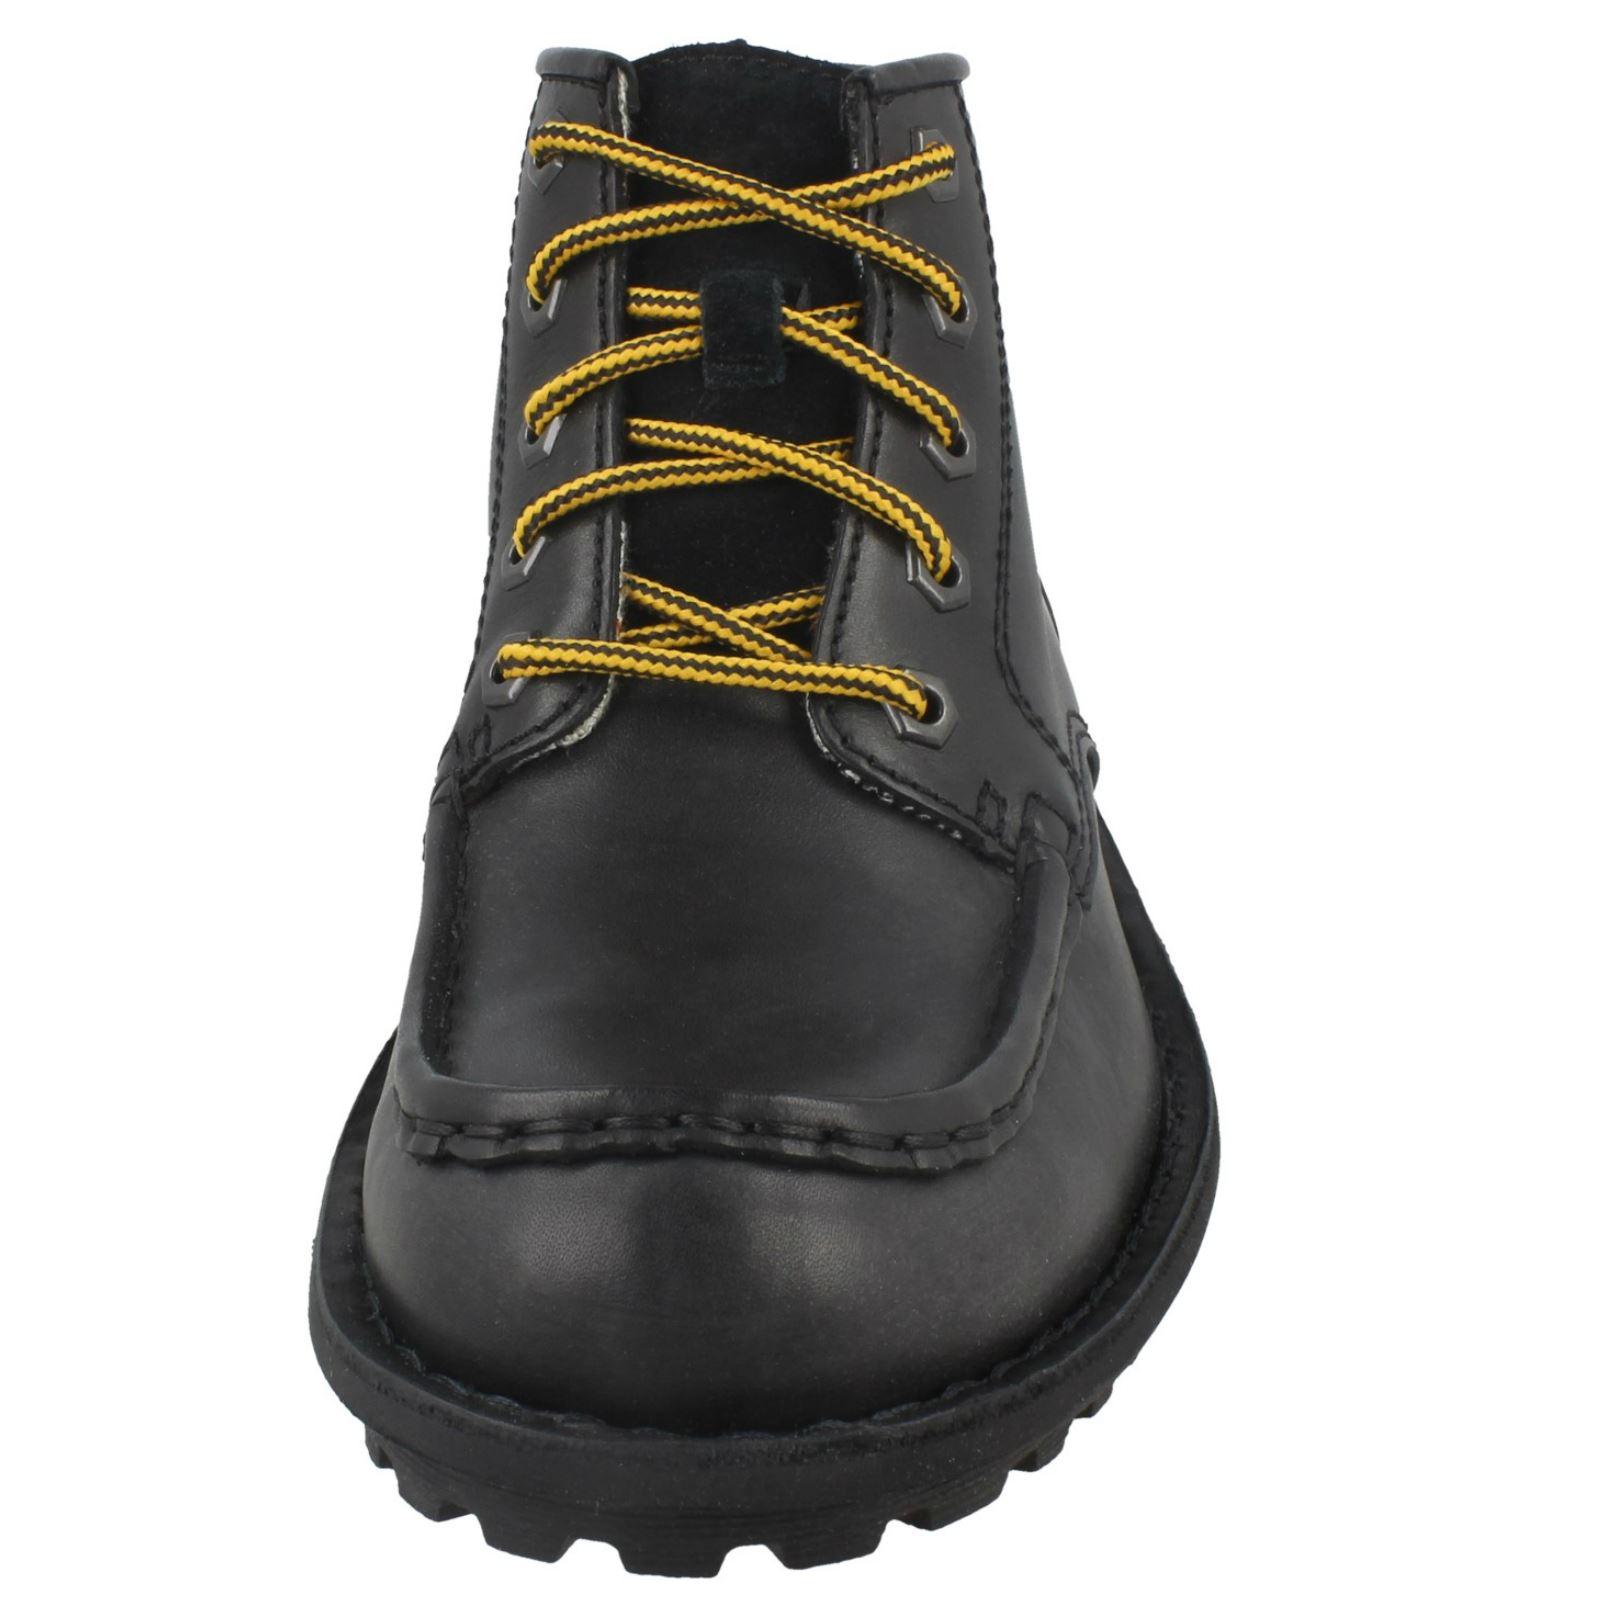 Mens Clarks Stiefel 'Manly Path'    |    | Das hochwertigste Material  433220